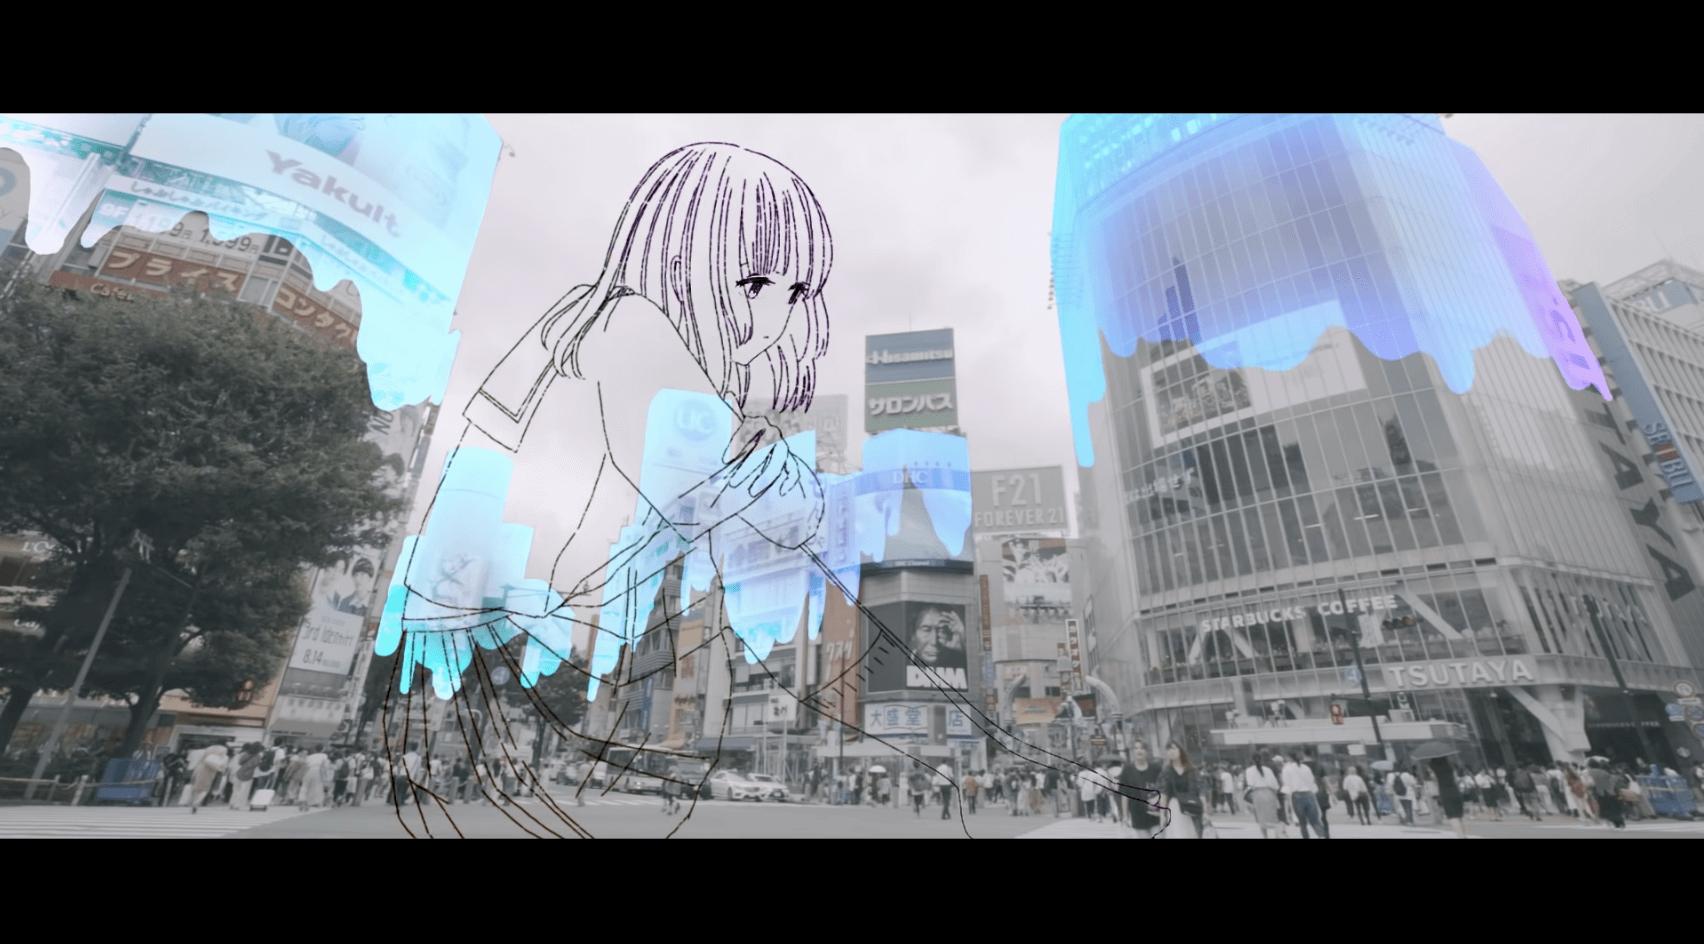 DAOKO「はじめましての気持ちを」MV